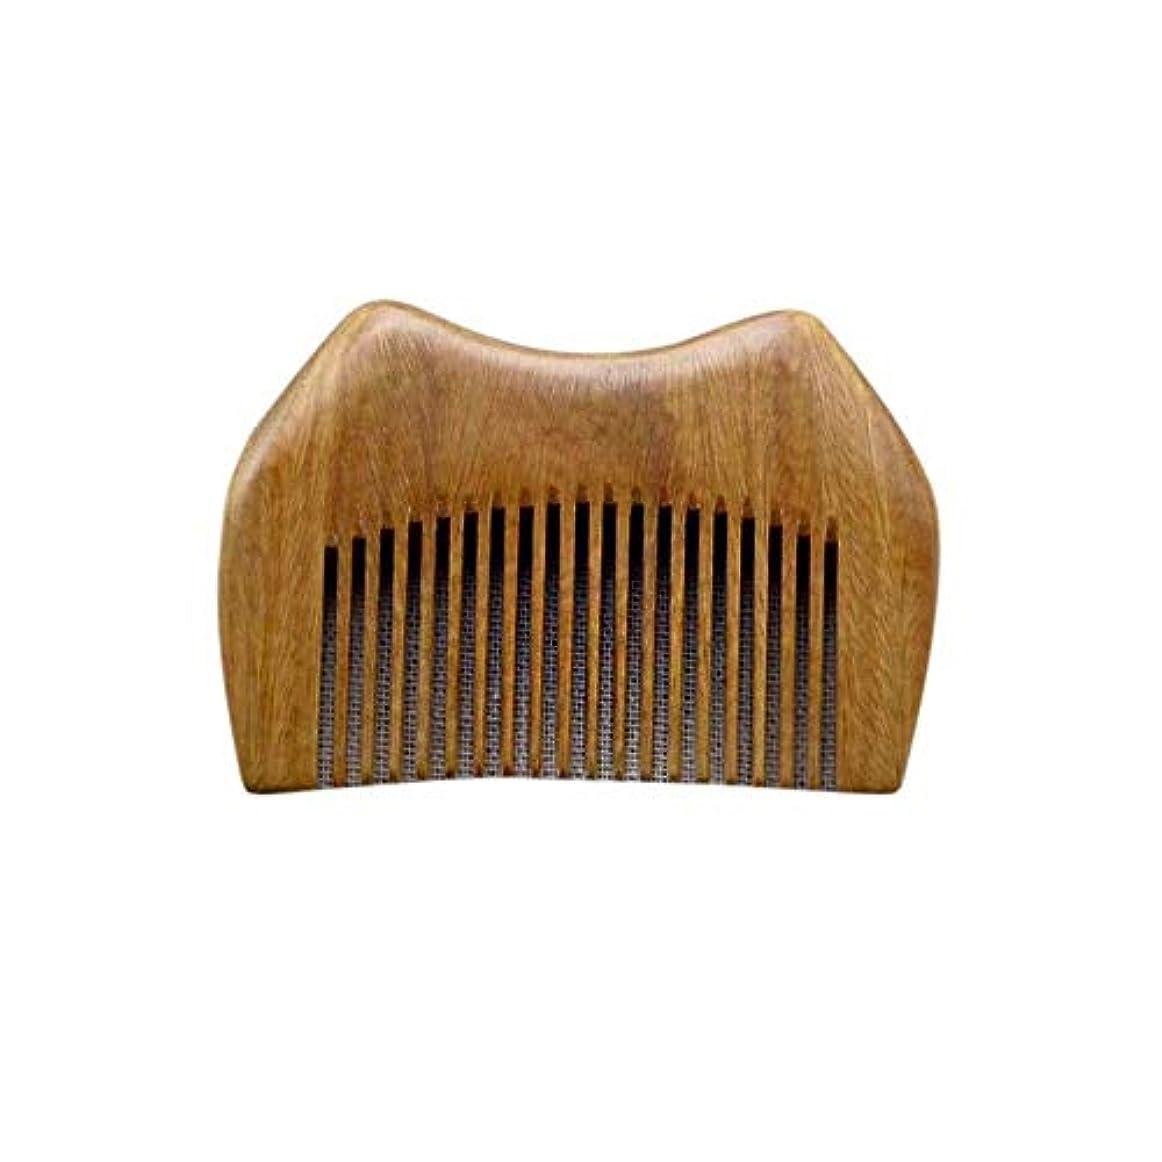 断片希望に満ちた散るヘアコーム理髪くし ショートハンドルに静的なグリーンサンダルウッドくし手作りの木製くし ヘアスタイリングコーム (Color : Photo color)